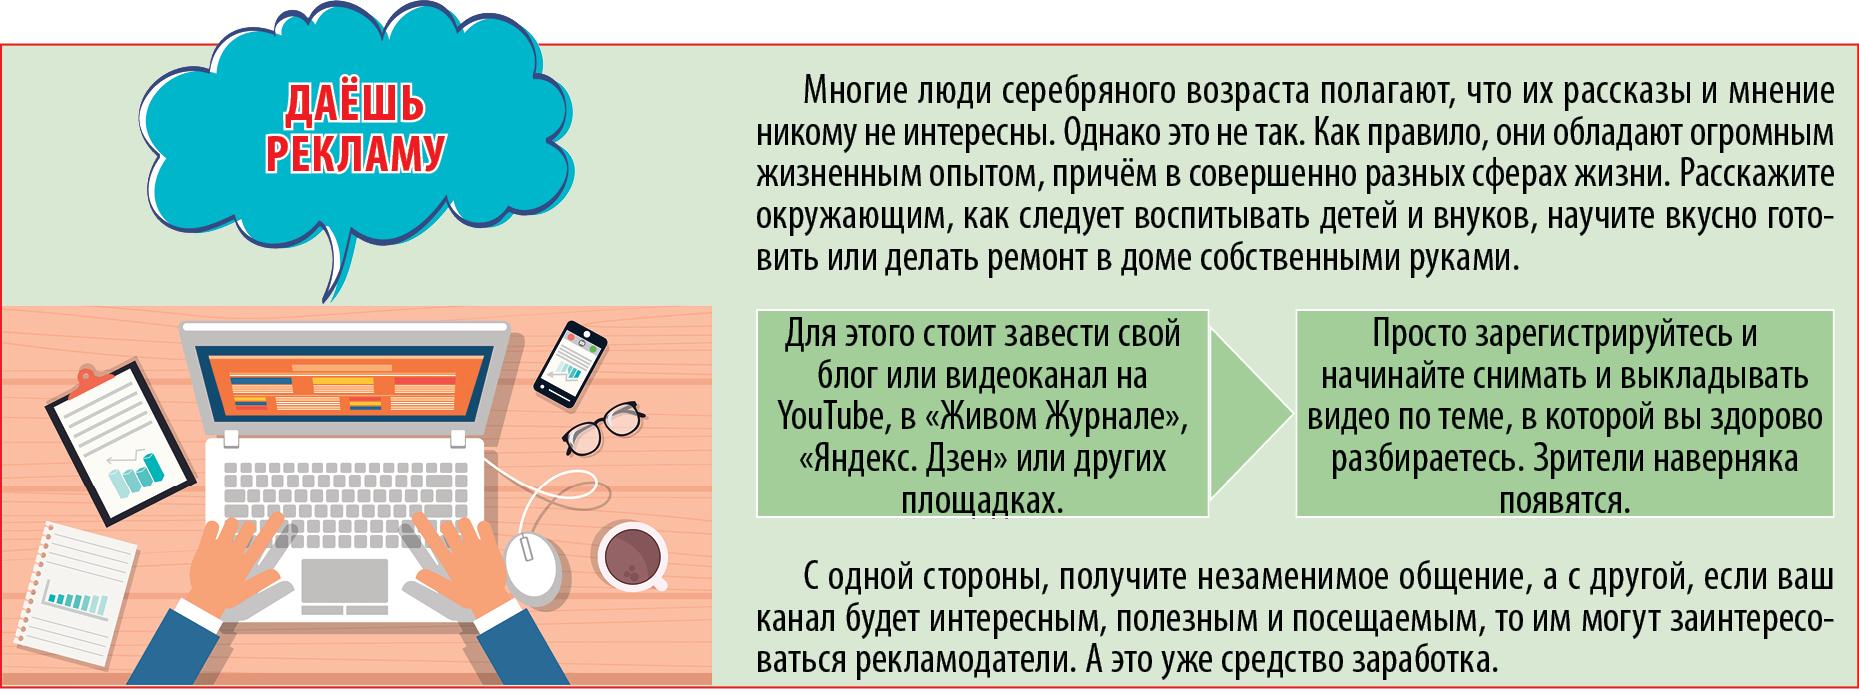 Инфографика бизнес на пенсии